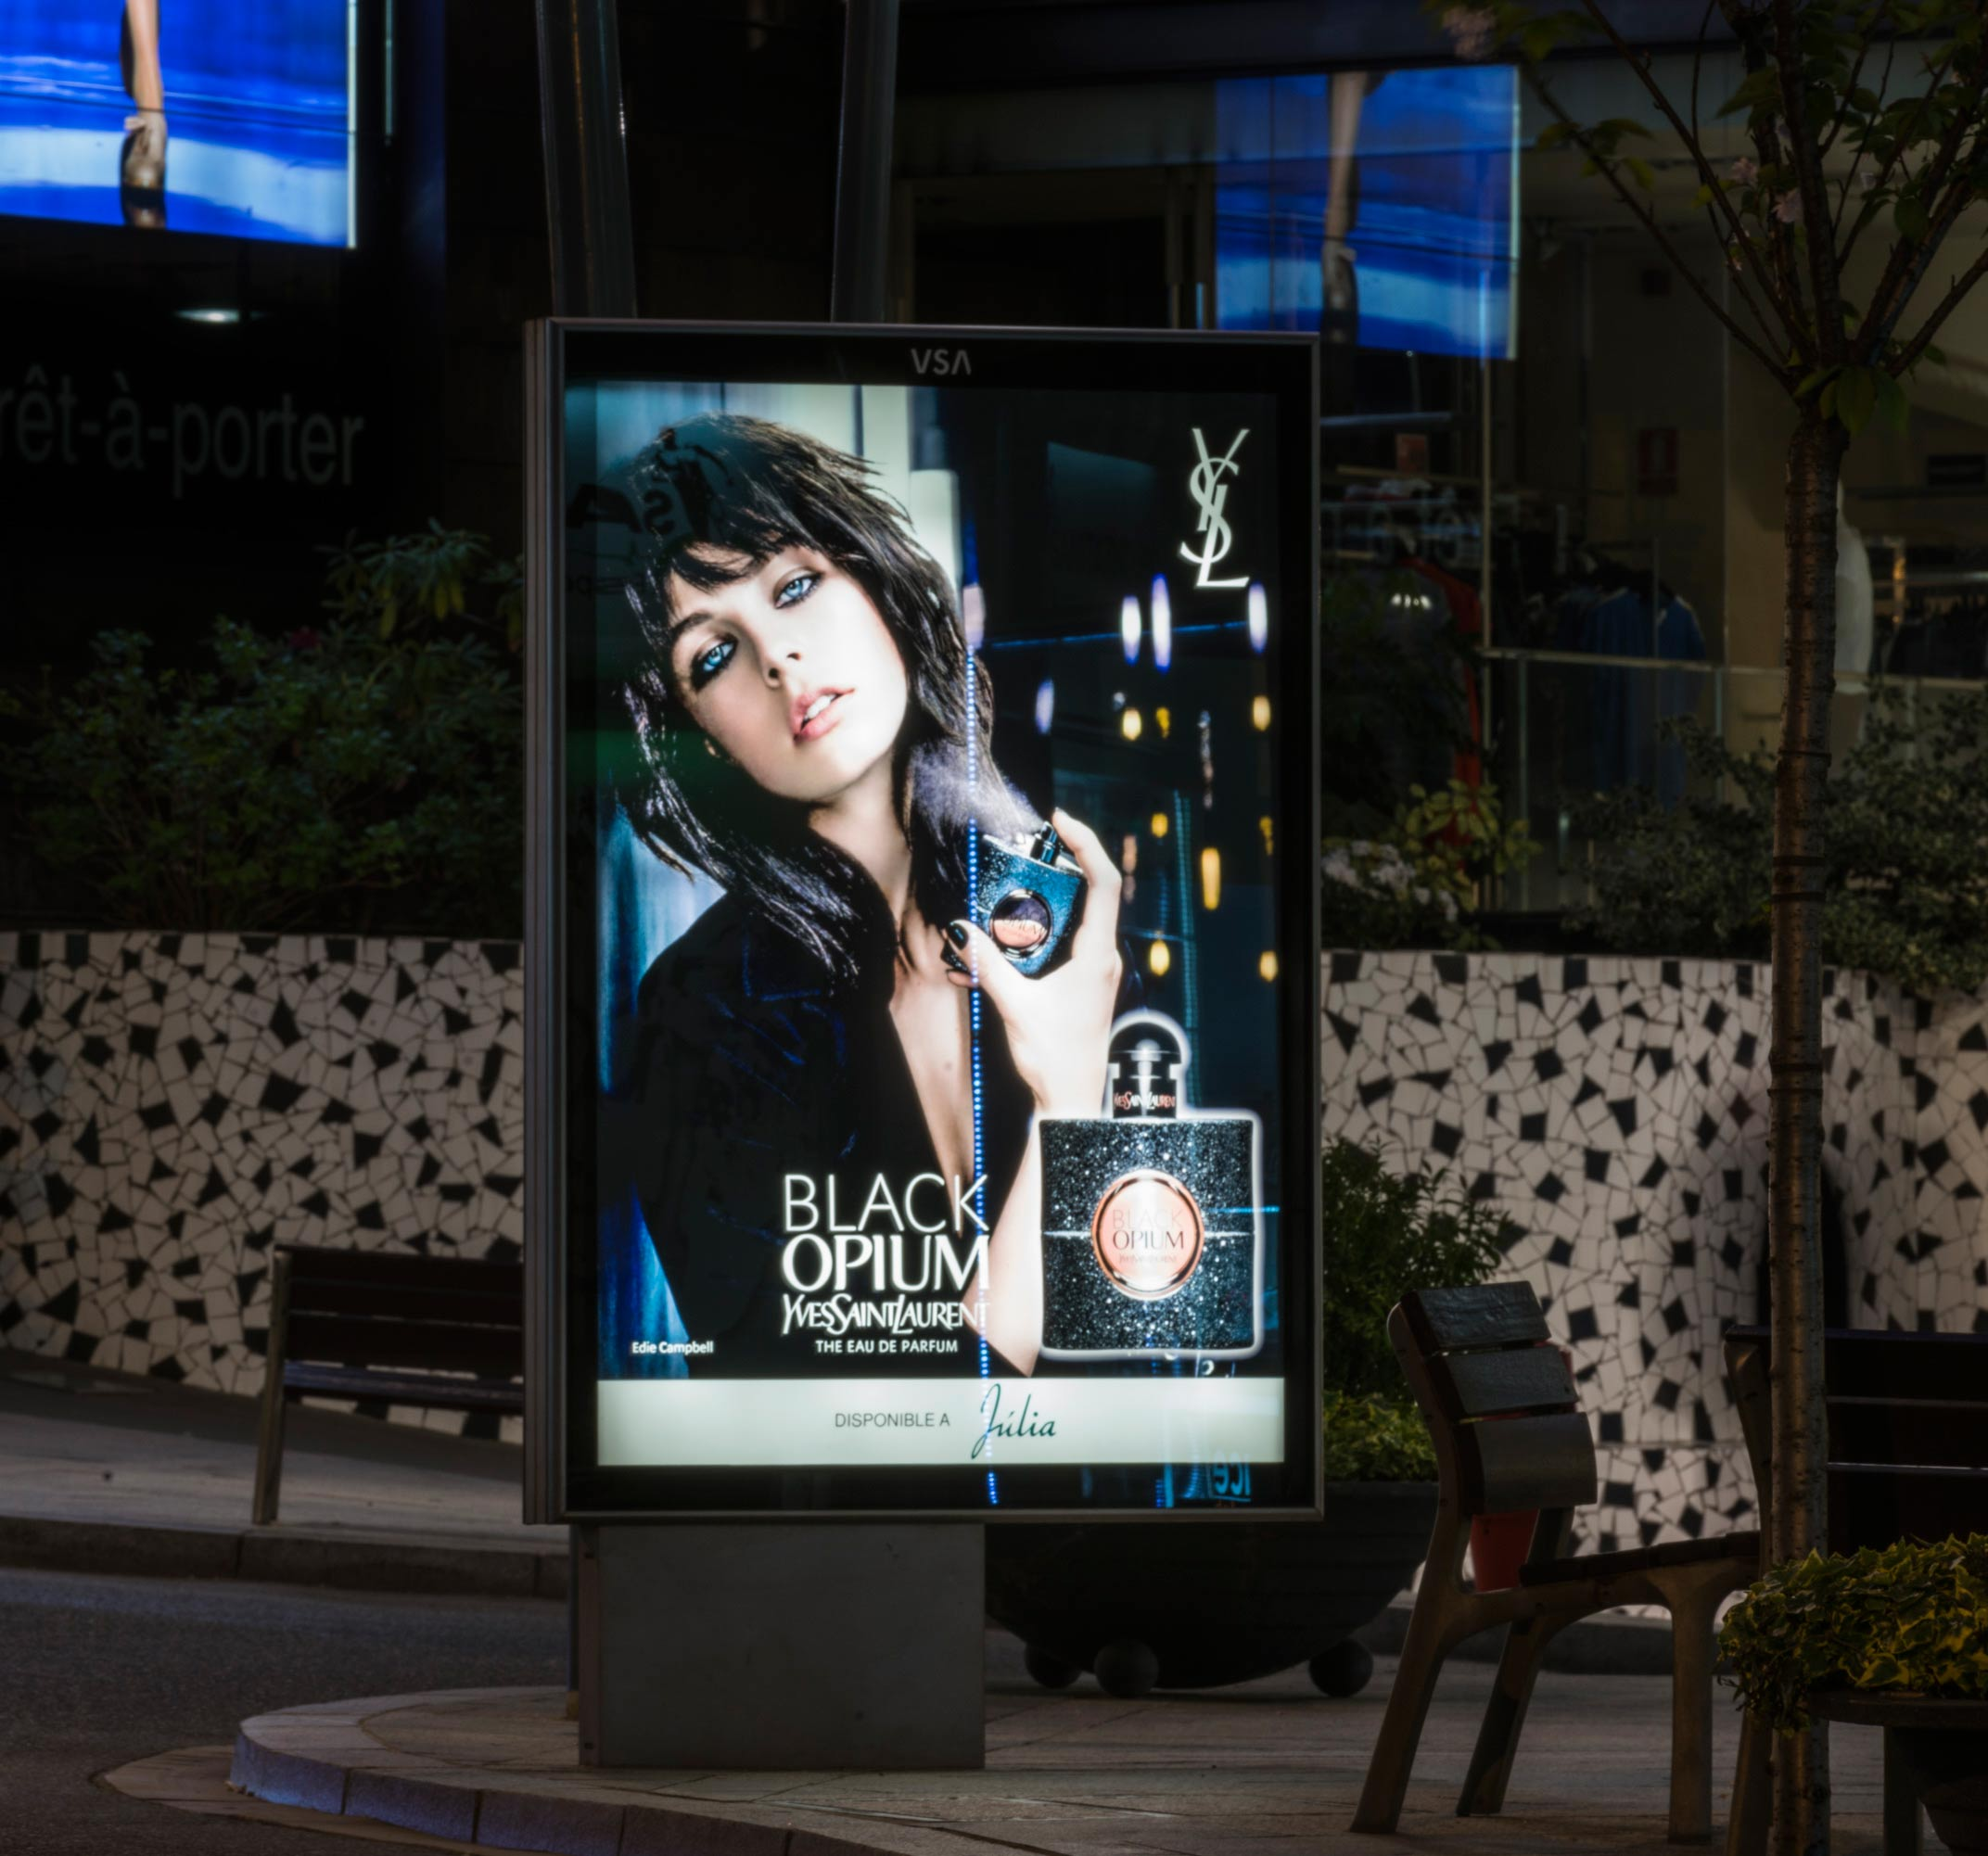 mobiliario-urbano-oppi-publicidad-exterior-black-opium-yves-saint-laurent-perfumerias-julia-andorra-vsa-comunicacion